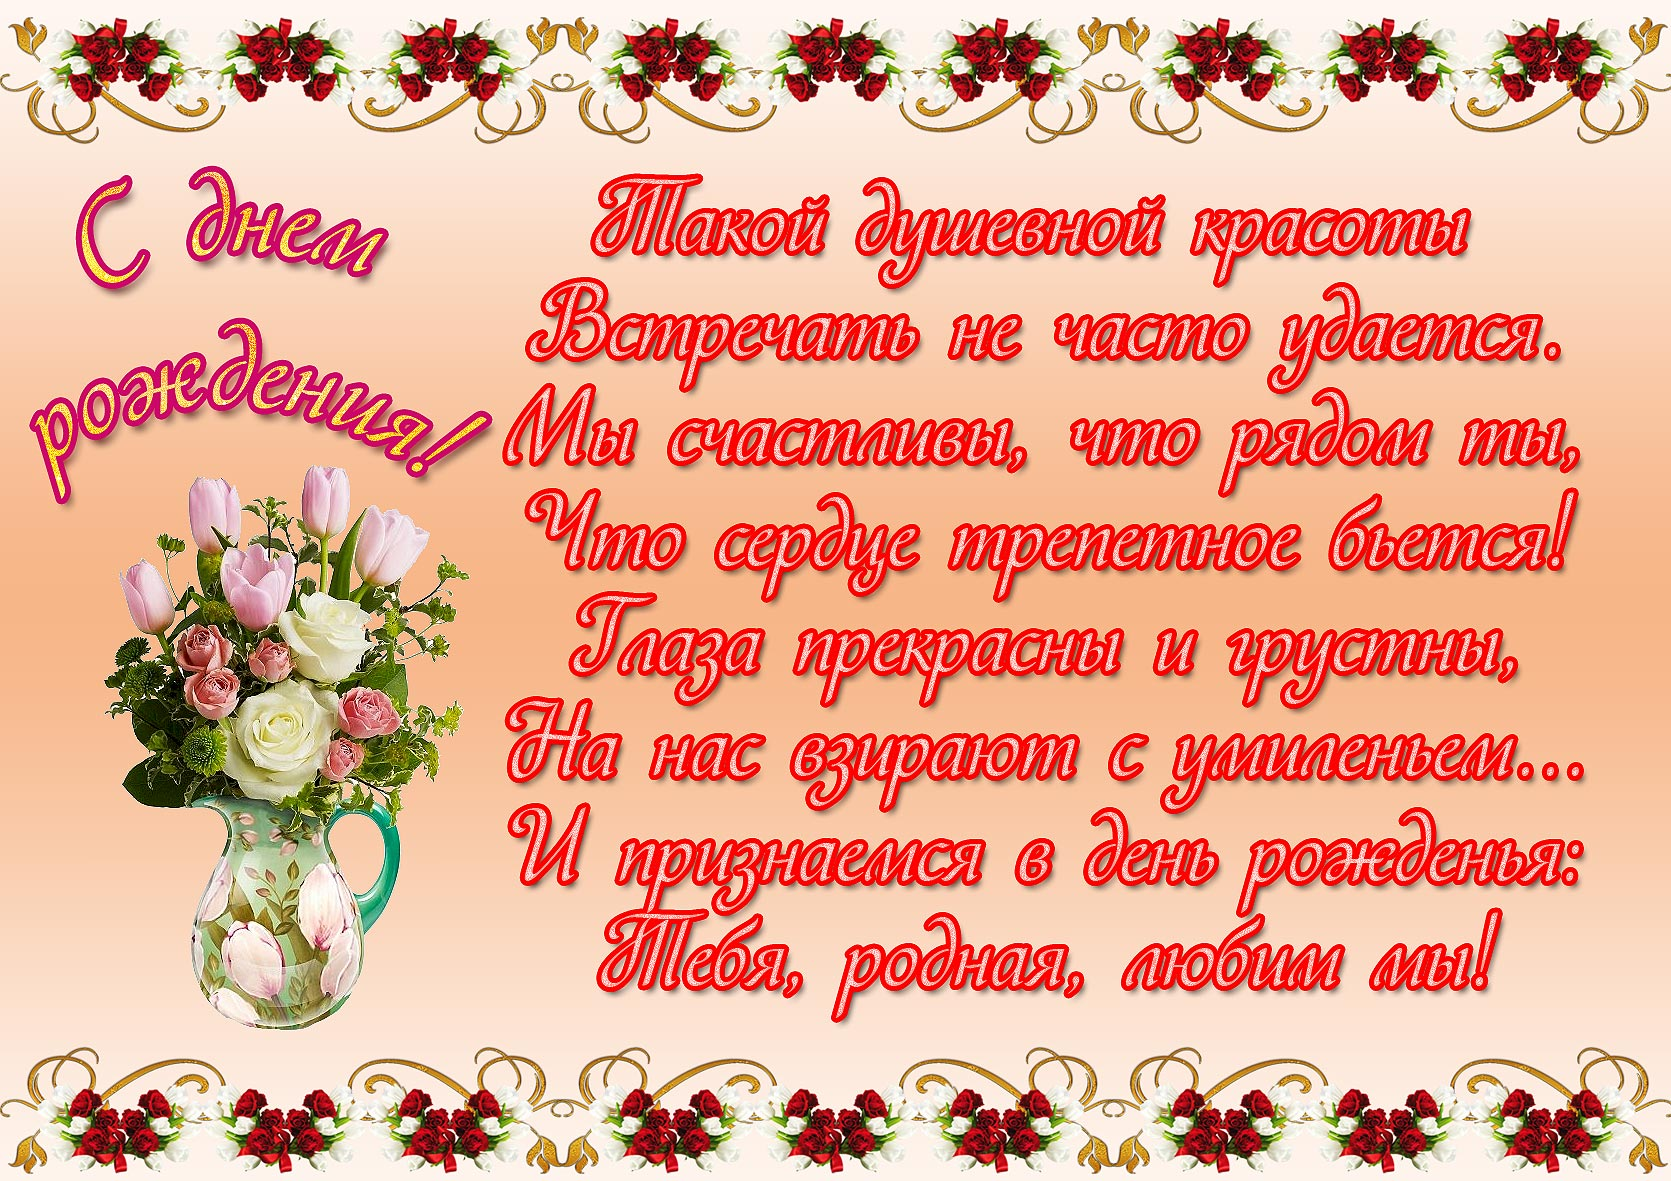 Бесплатно поздравления с днем рождения для женщины